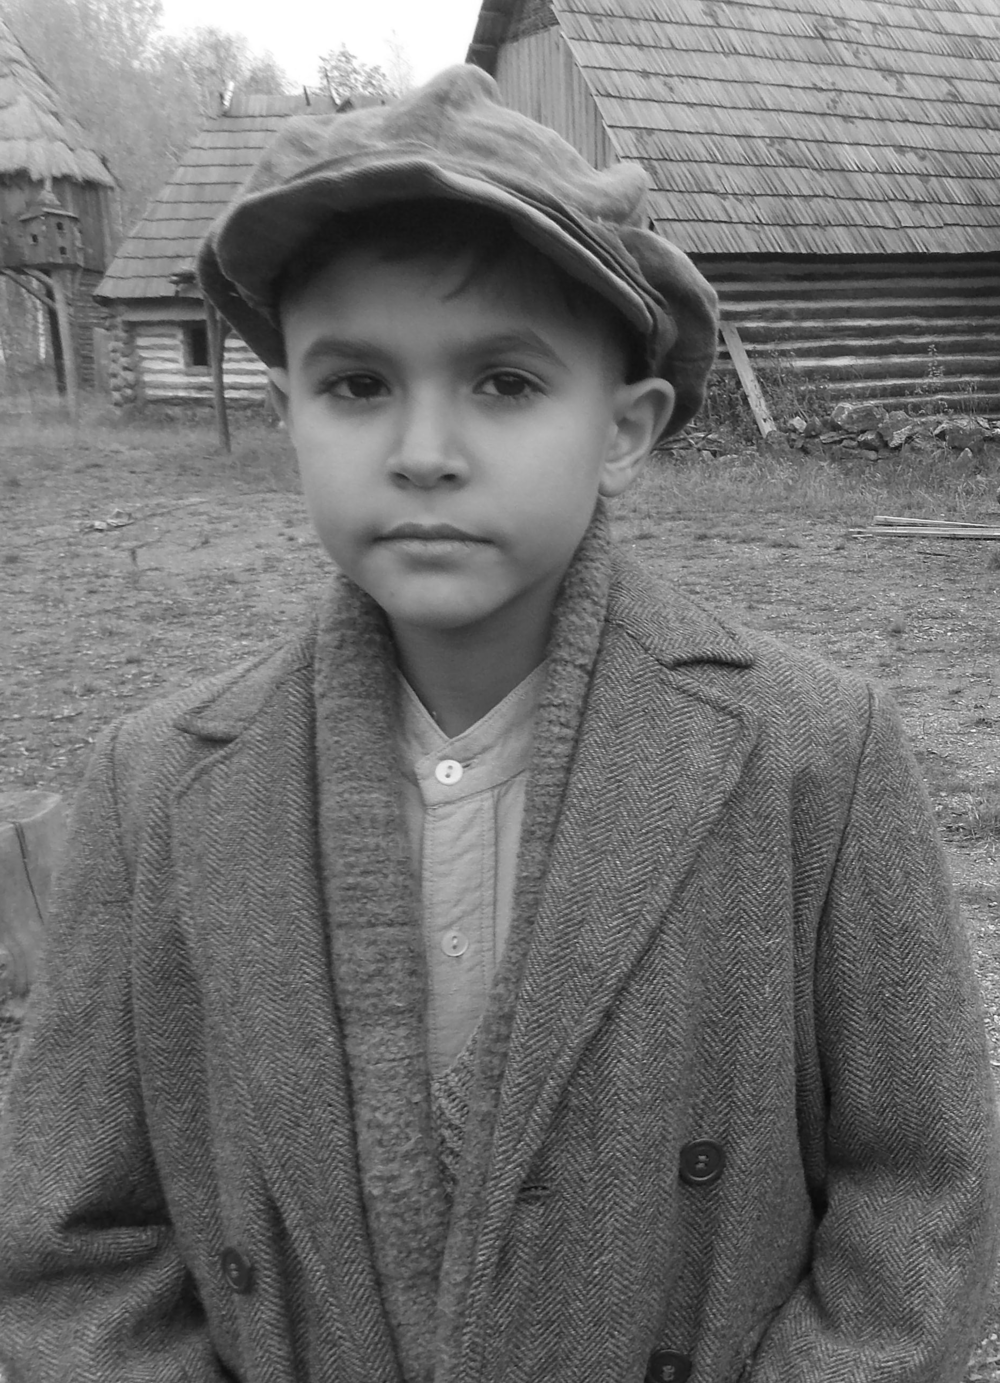 Hlavnú úlohu vo filme stvárni deväťročný Petr Kotlár z Českého Krumlova.